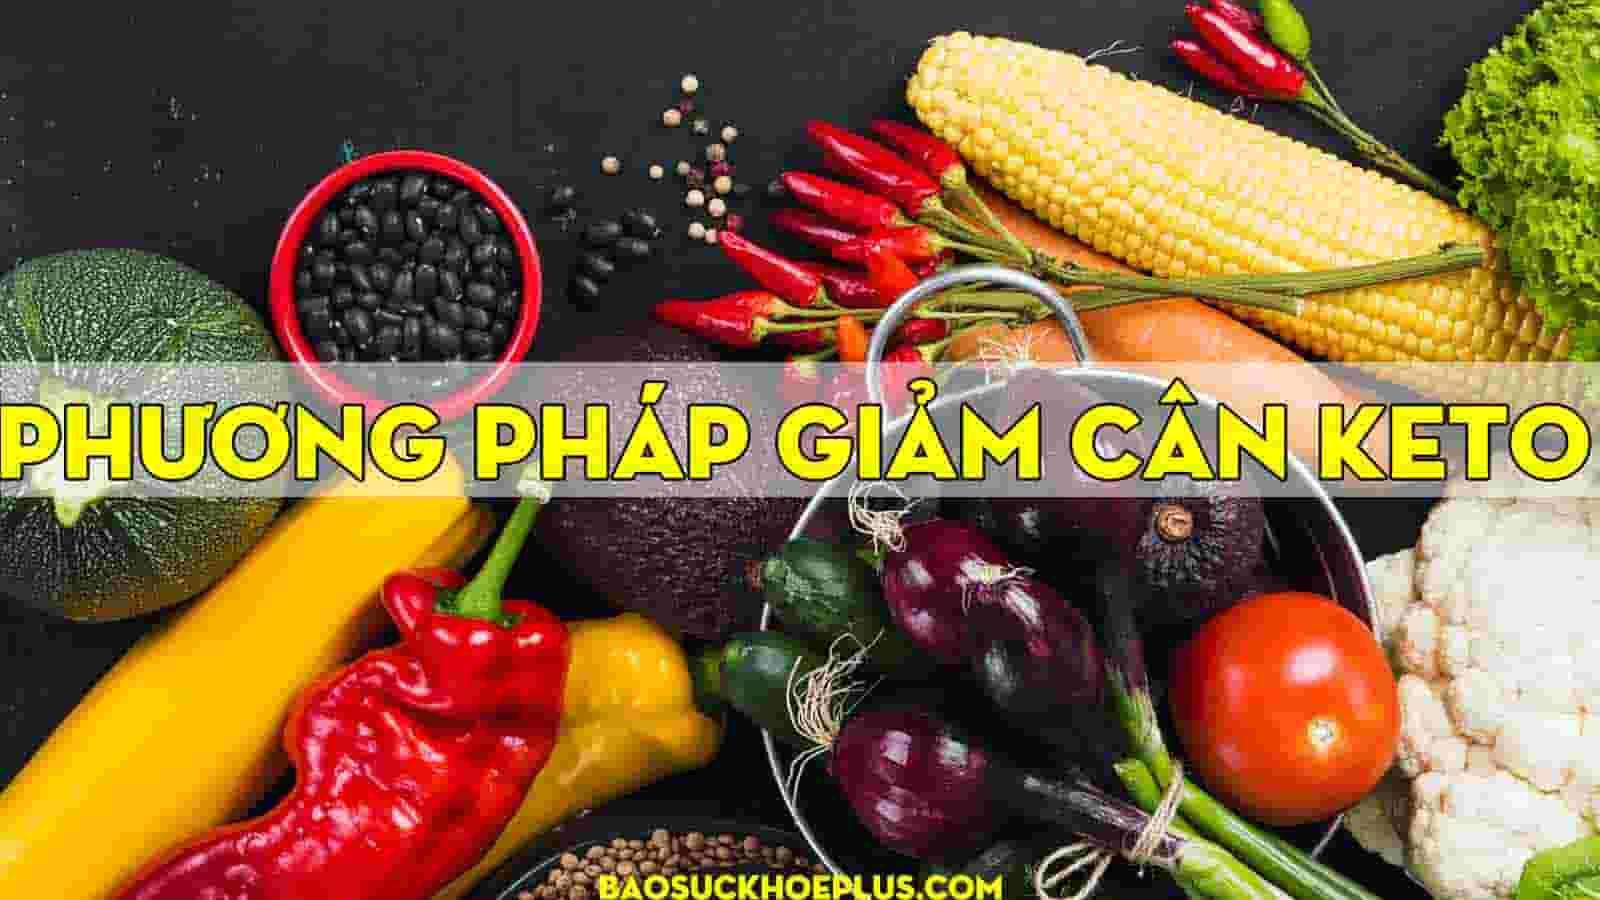 phuong-phap-giam-can-keto-guru